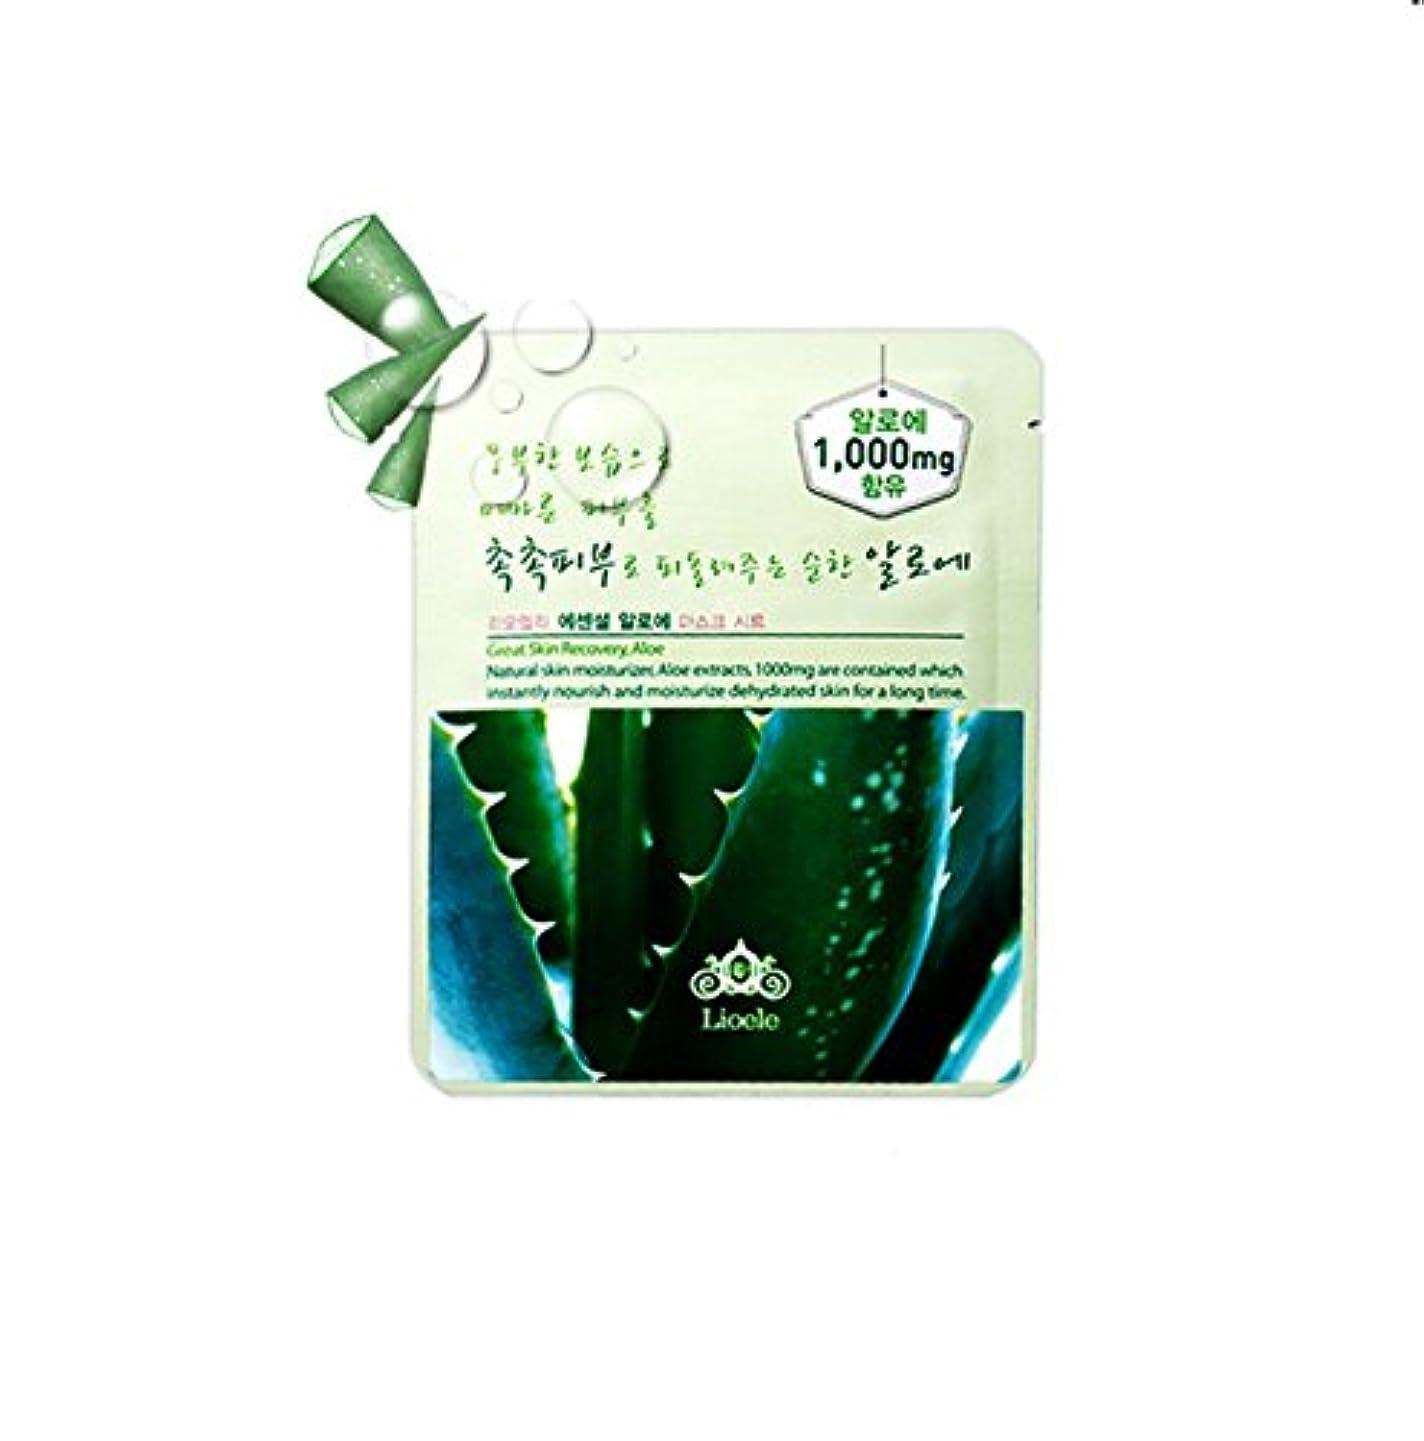 ビジュアル学期天使Lioele (リオエリ) エッセンシャル マスク シート / Essential Mask Sheet (アロエ (Aloe Mask Sheet)) [並行輸入品]